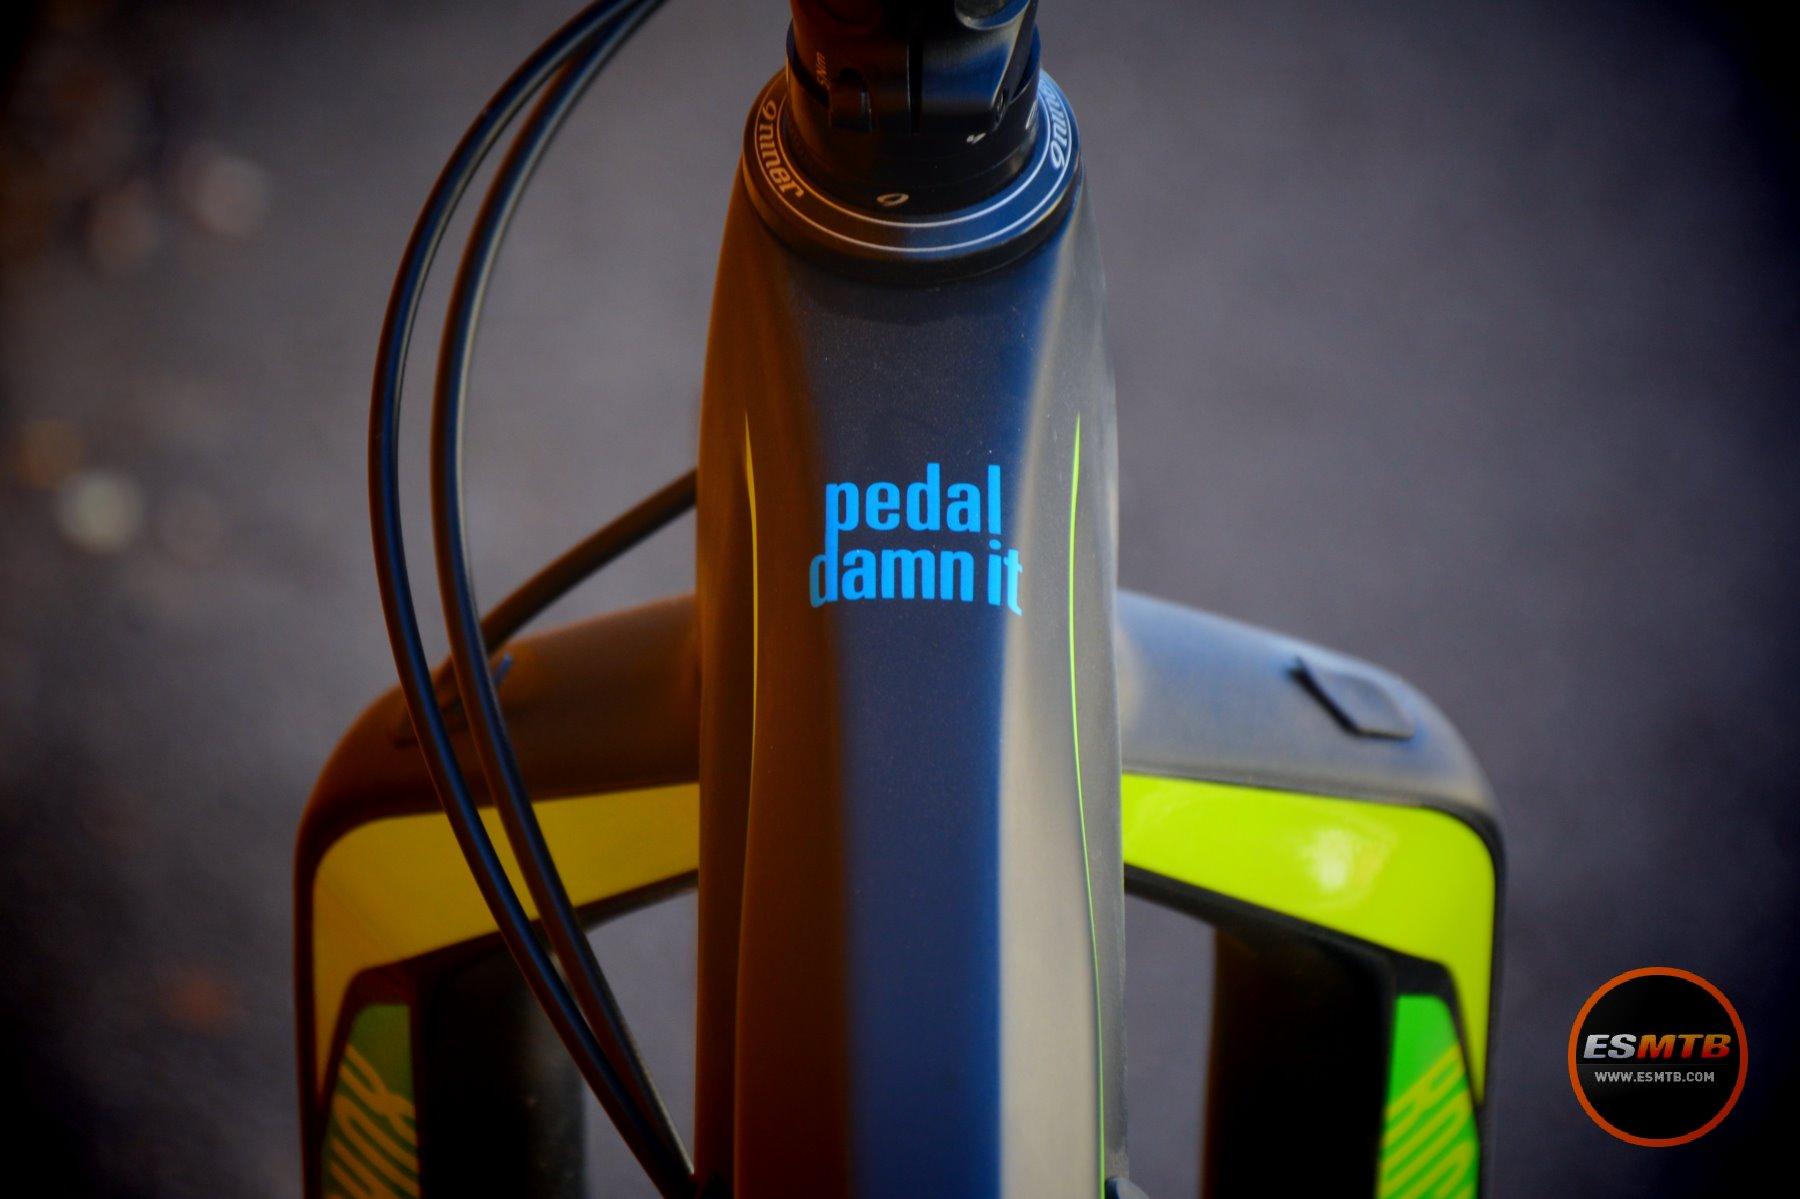 """No podía falta el """"Pedal damm it"""""""